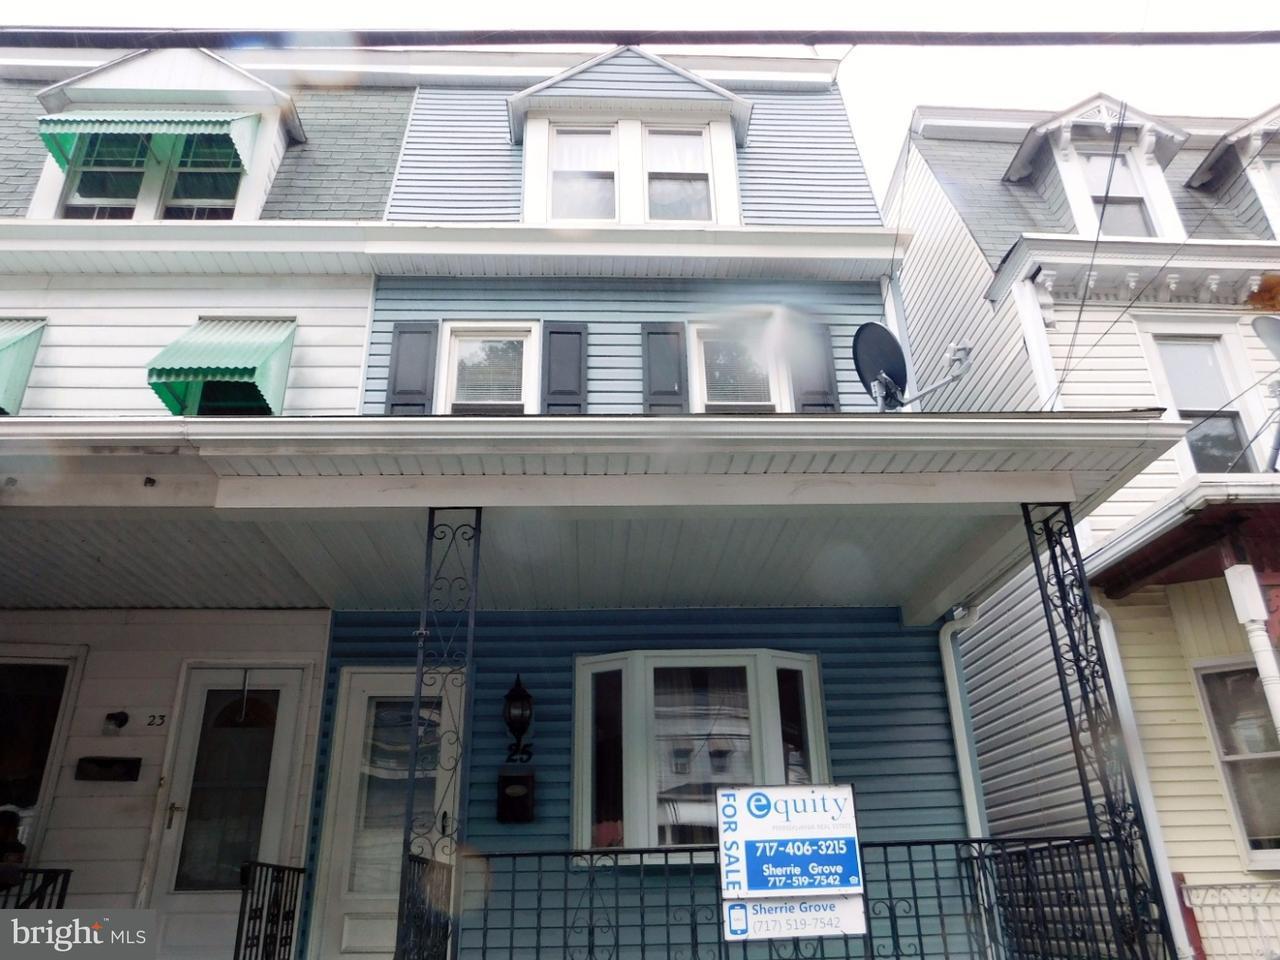 Casa unifamiliar adosada (Townhouse) por un Venta en 25 S DELAWARE Avenue Minersville, Pennsylvania 17954 Estados Unidos